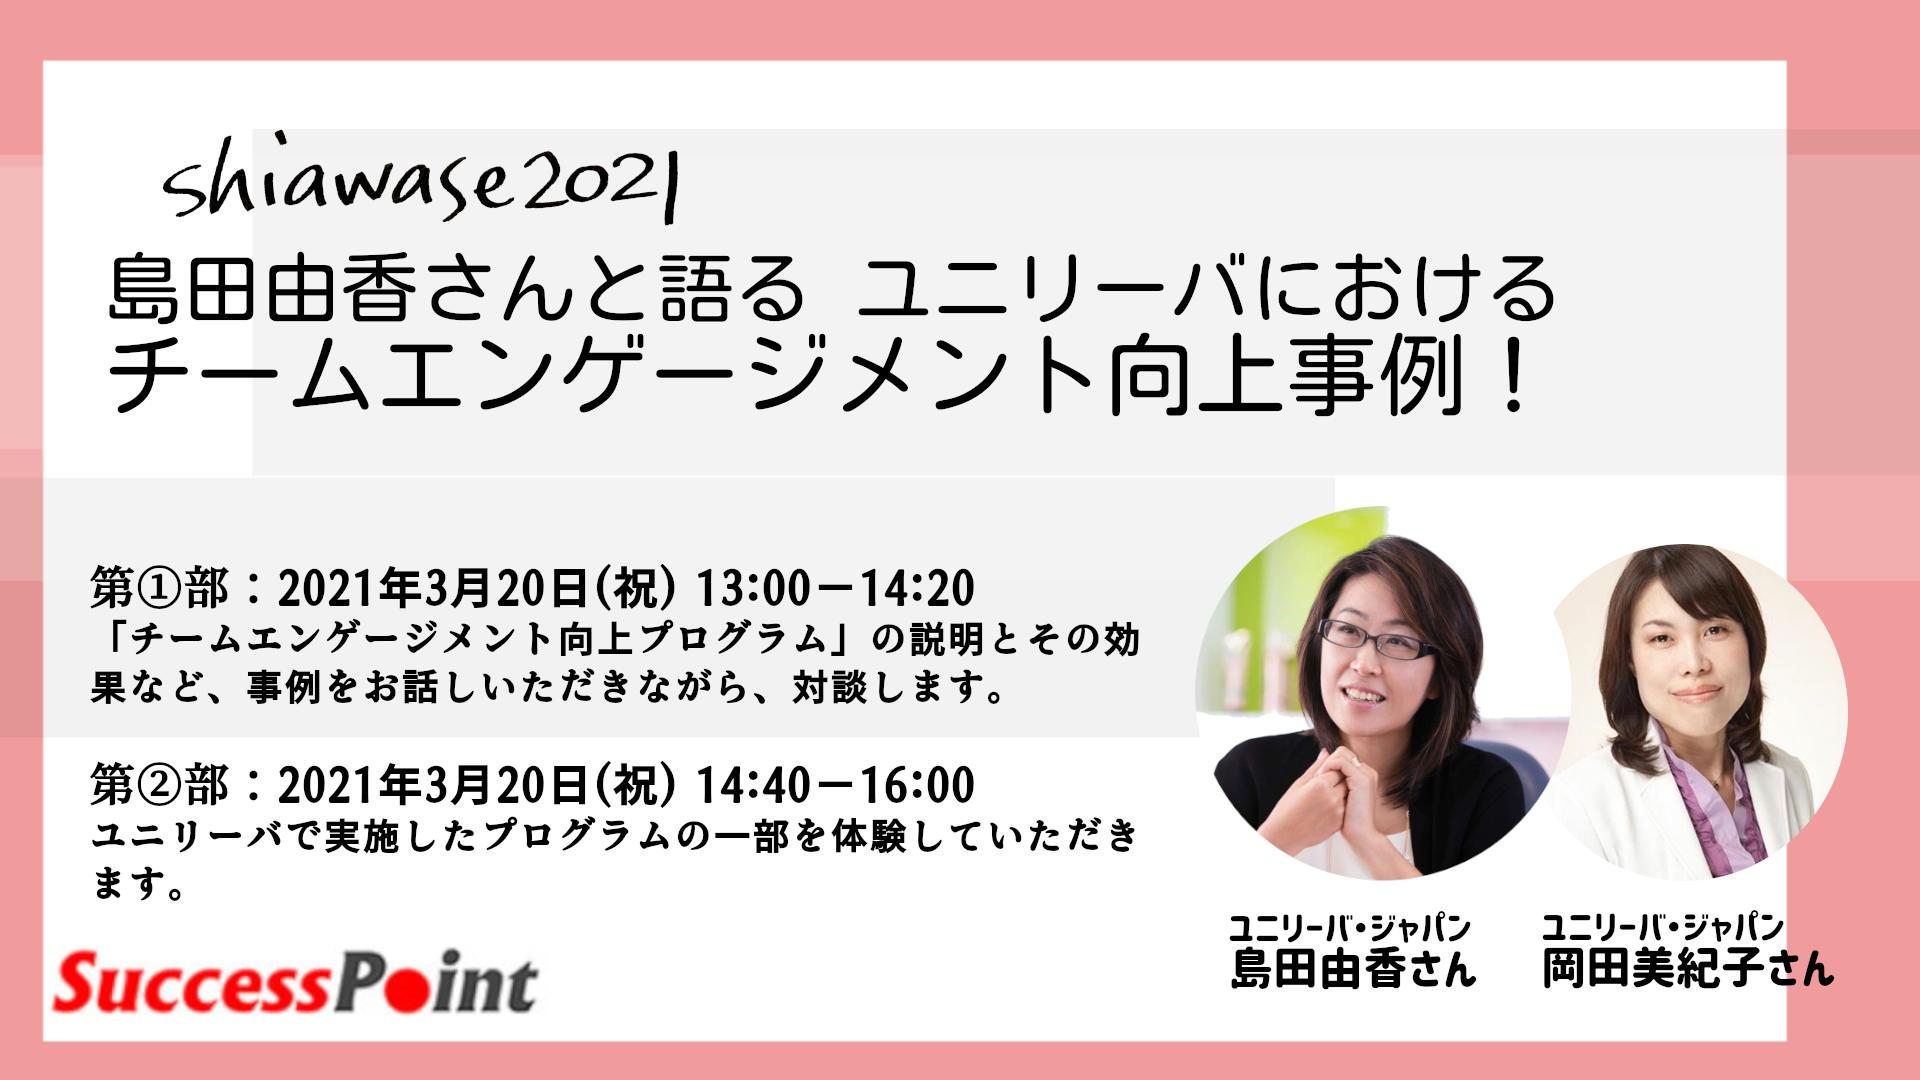 shiawase2021